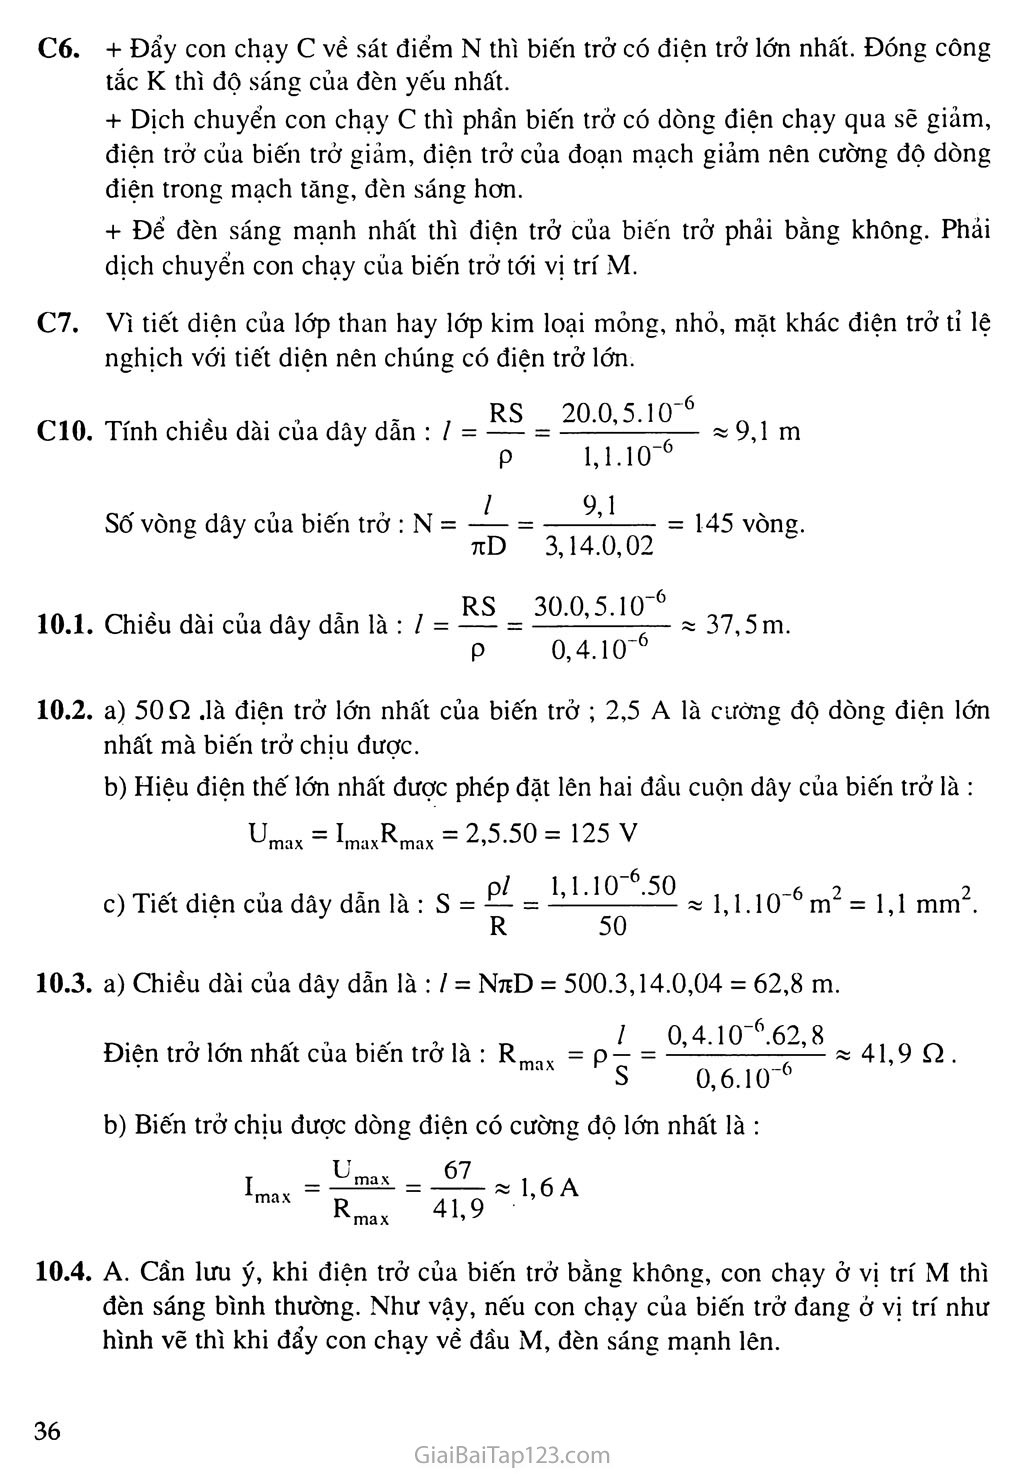 Bài 10: Biến trở - Điện trở dùng trong kĩ thuật trang 2